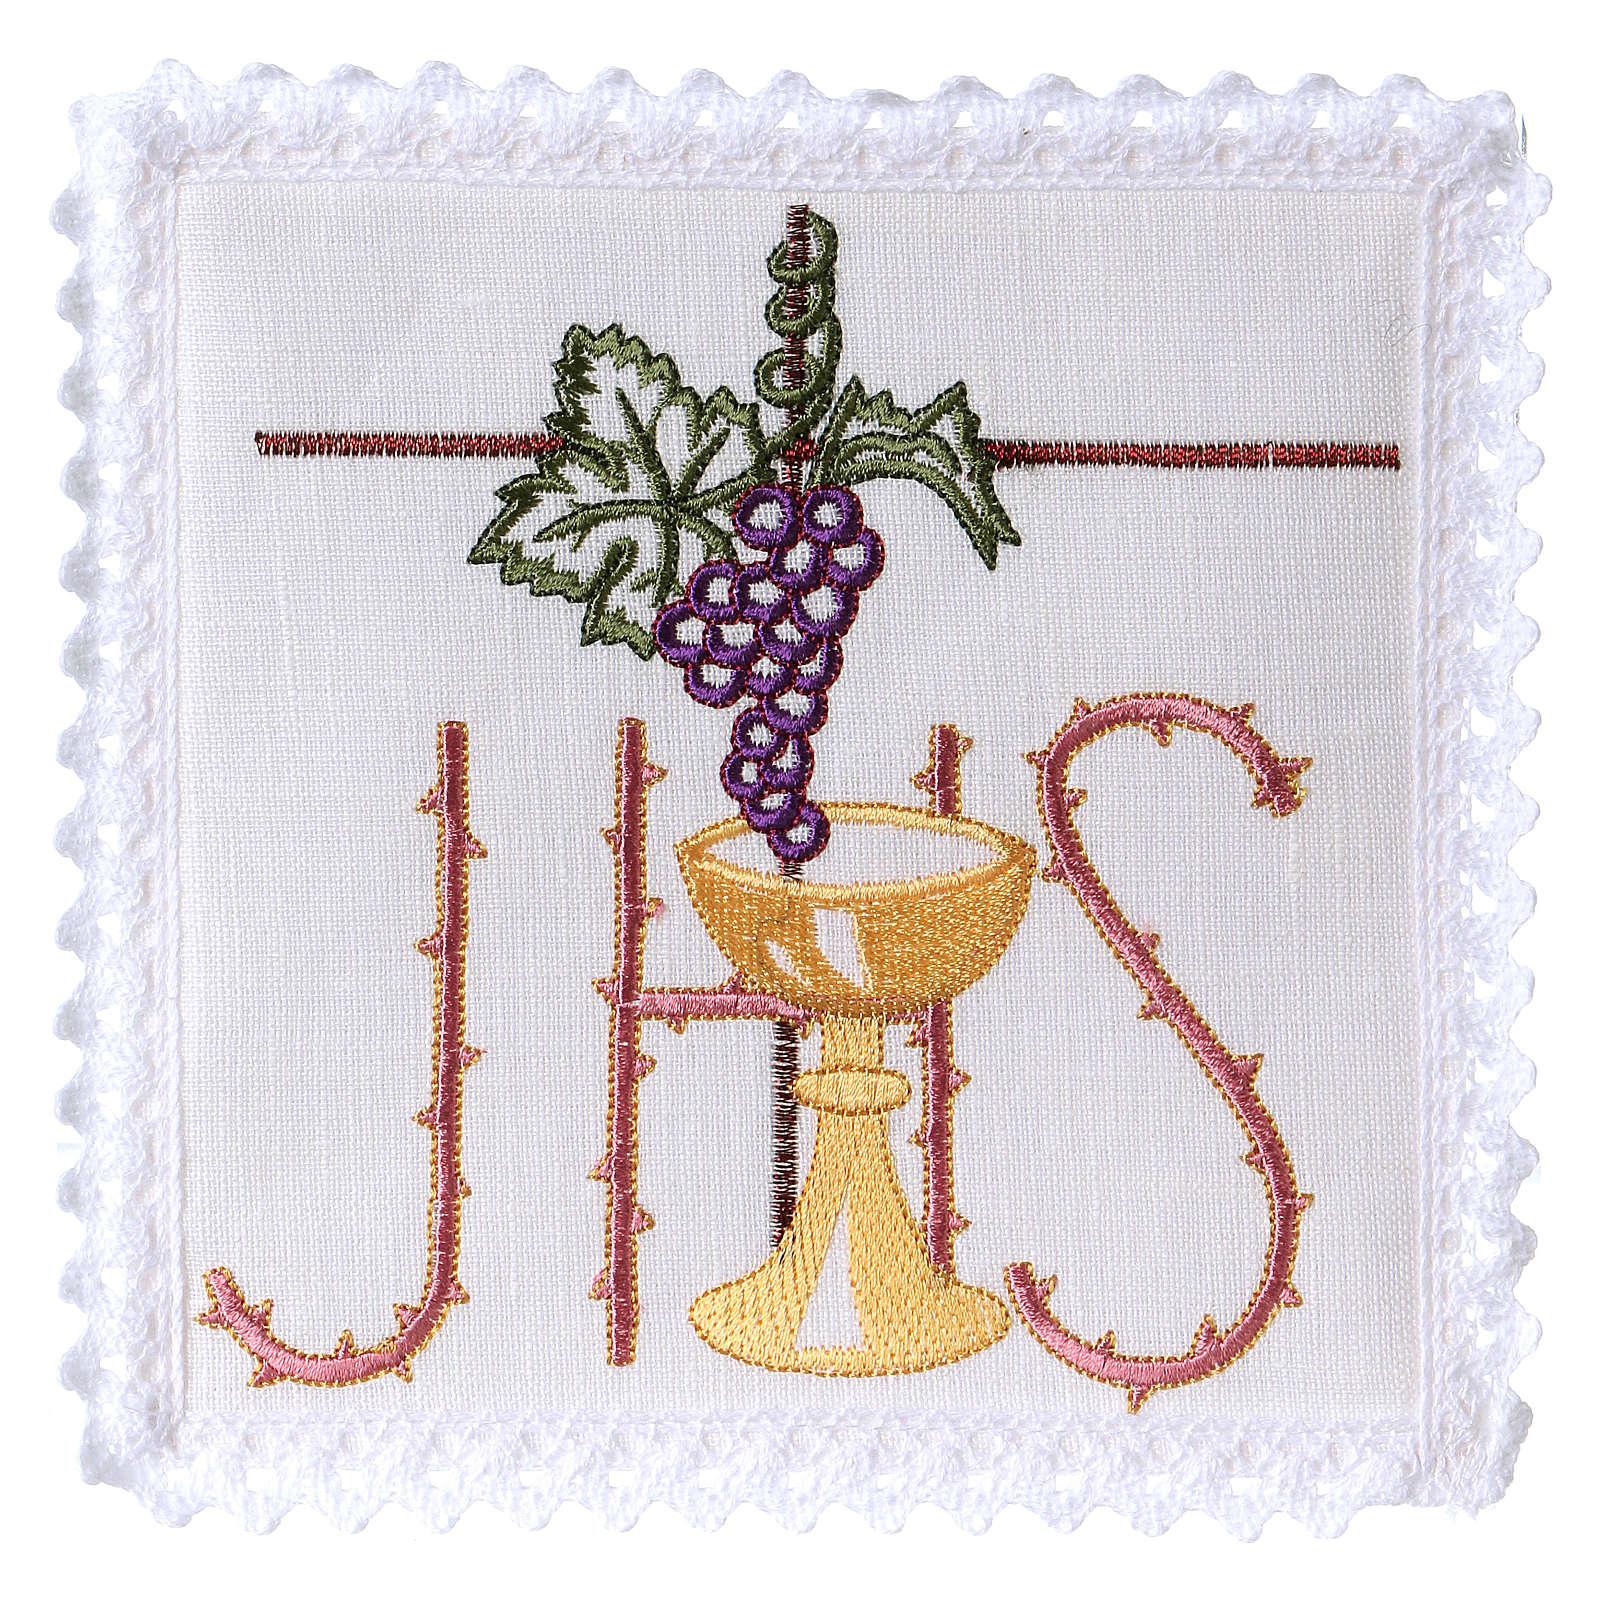 Servicio de altar hilo cáliz hoja uva símbolo JHS con espinado 4